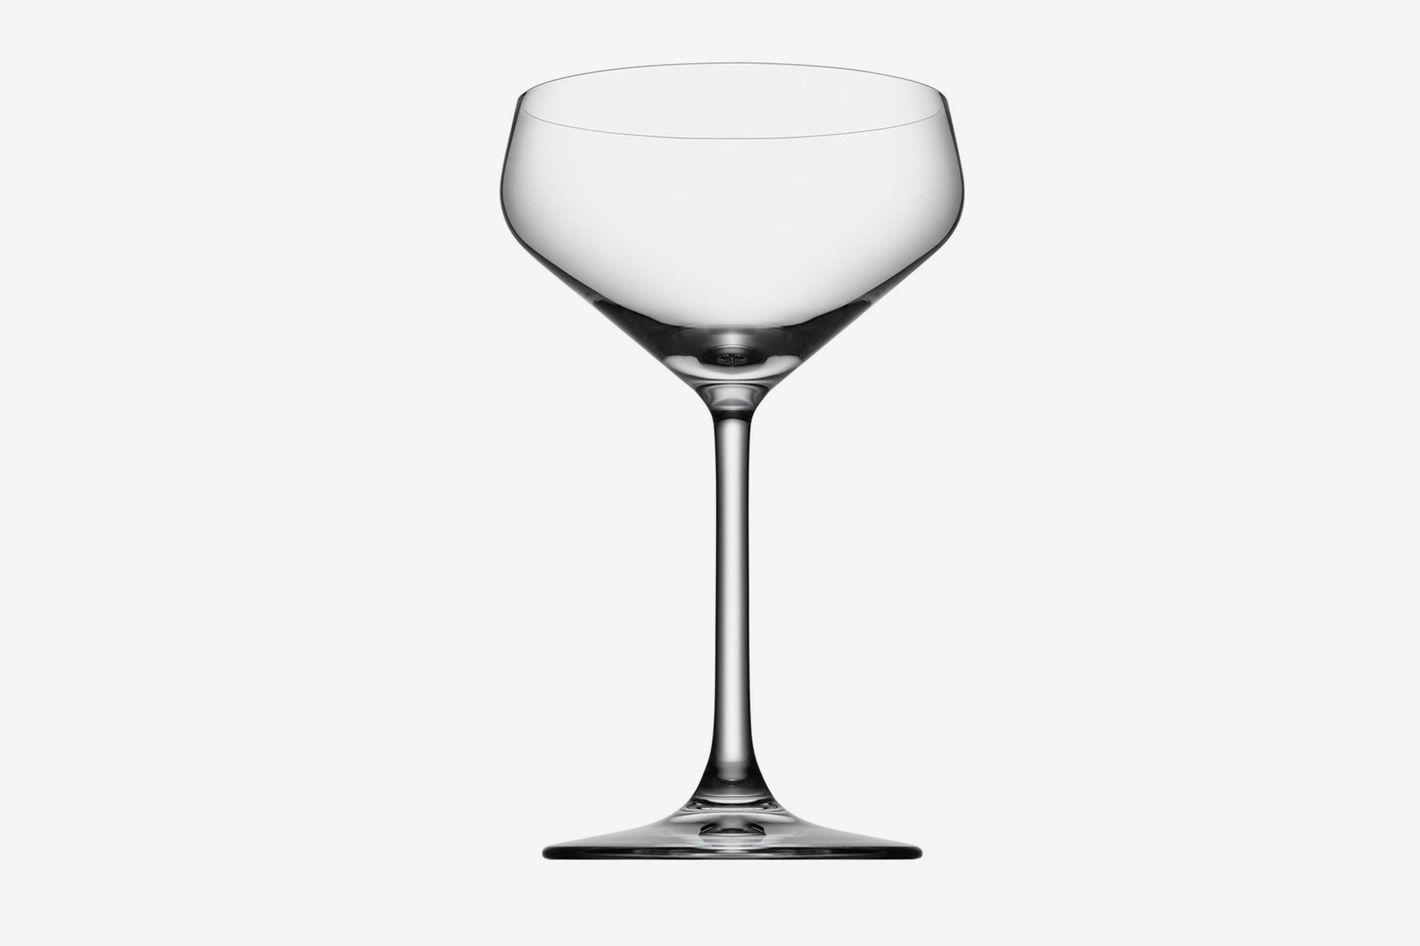 Orrefors Avantgarde Cocktail Glasses (Set of 4)